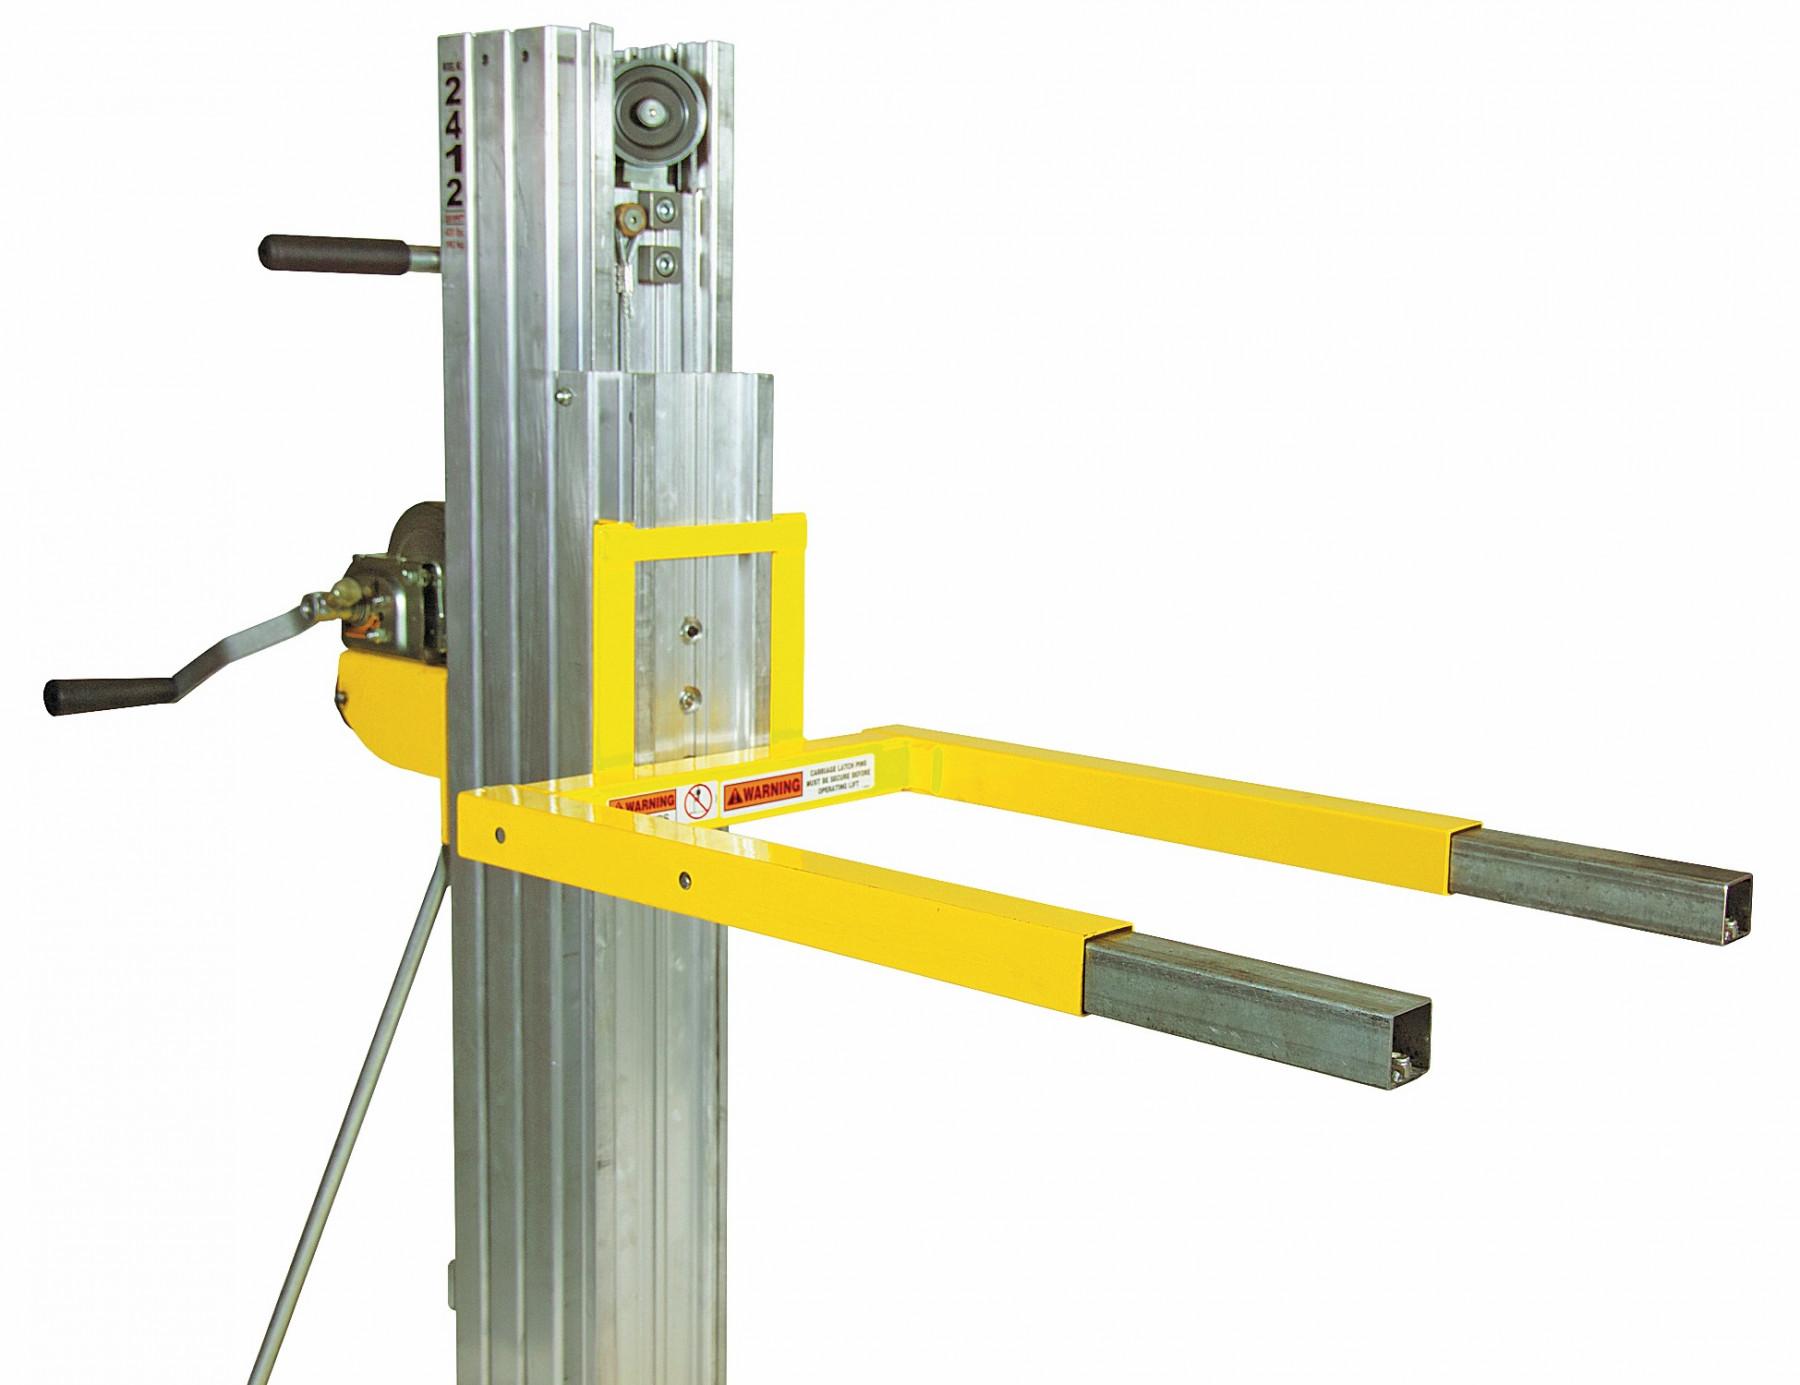 Indupro Rental Contractor Lift 2412 Hiring